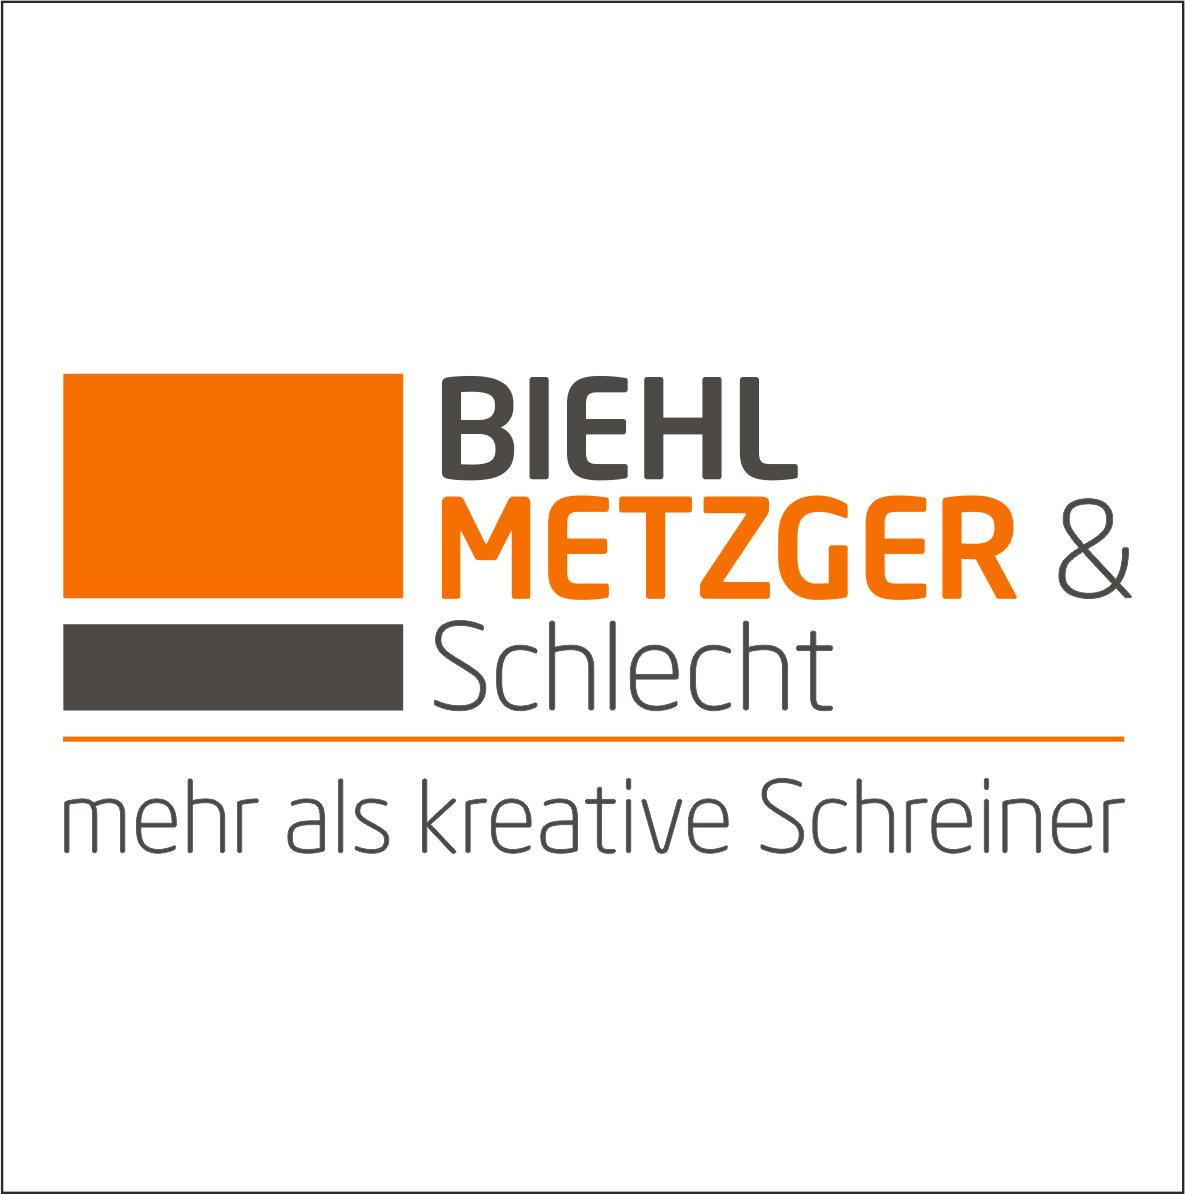 Biehl Metzger